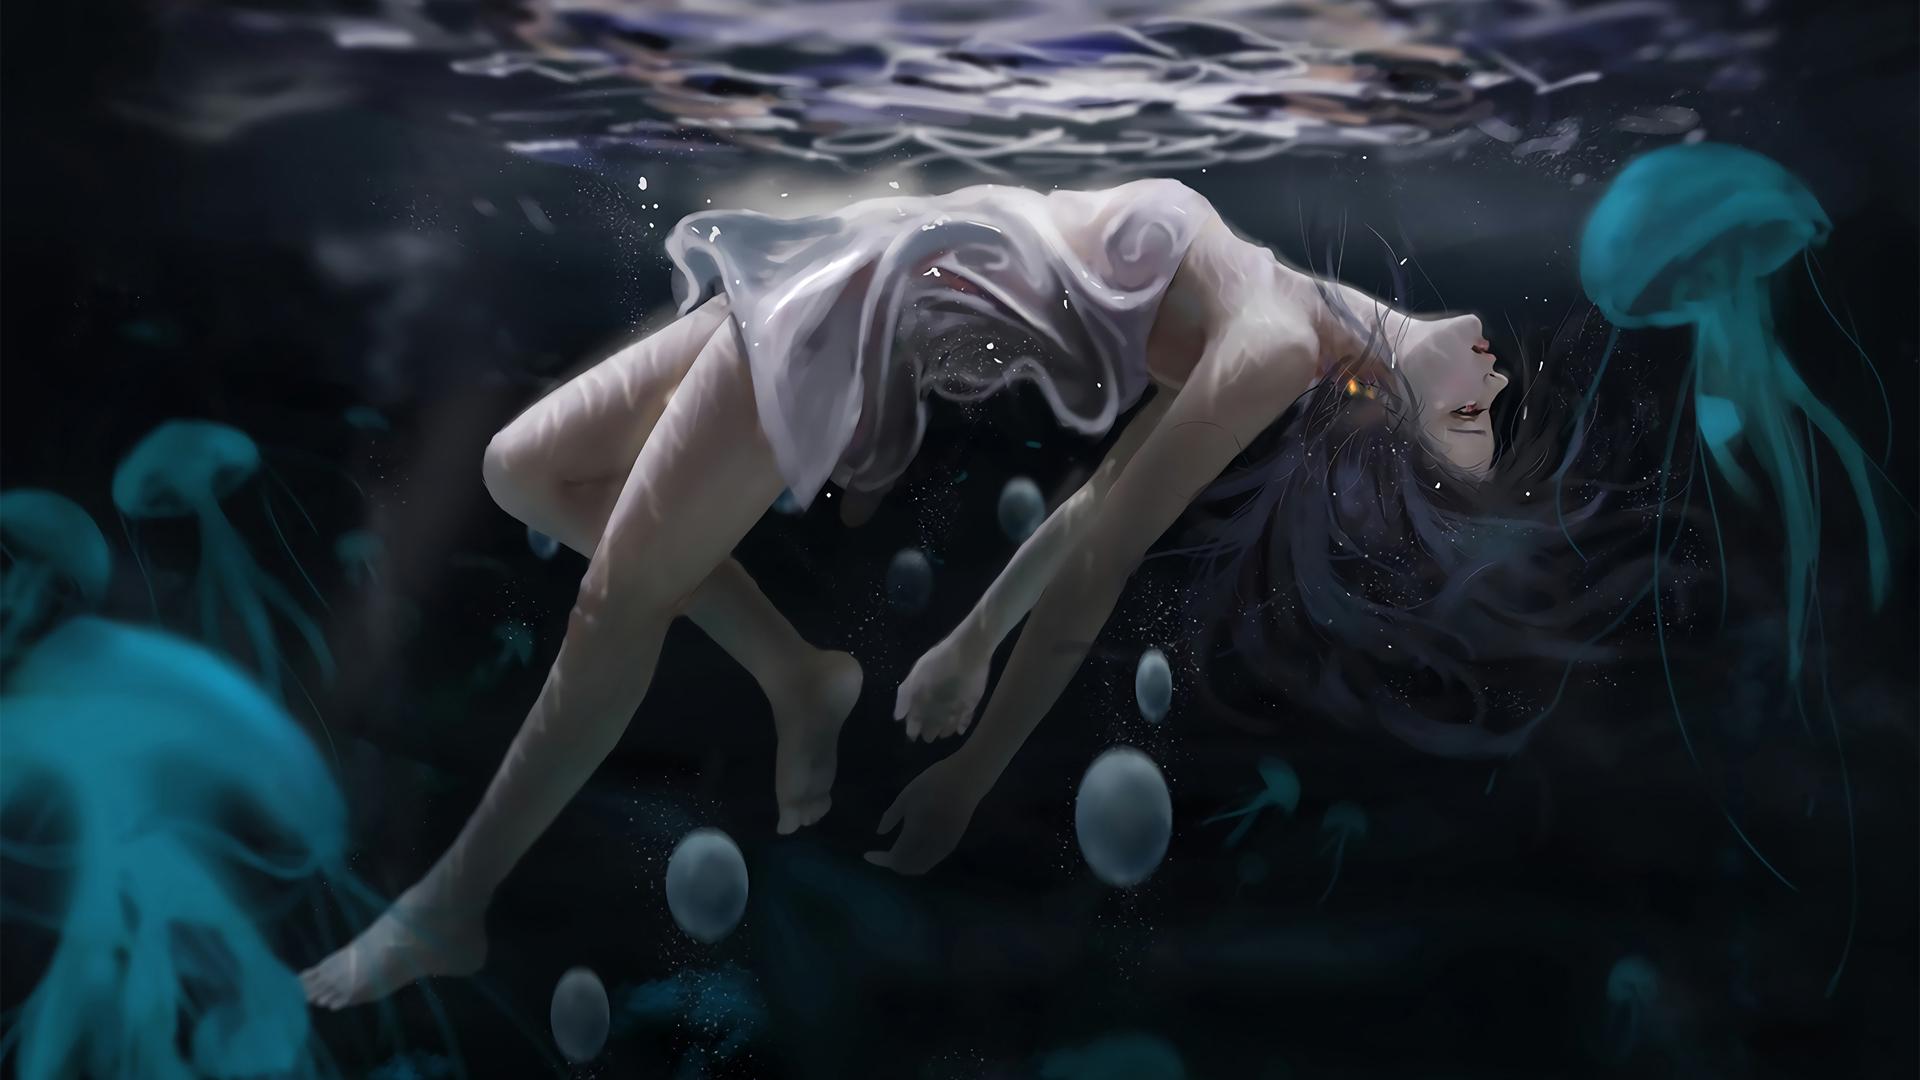 女子美女 水下 海底 水母 唯美动漫壁纸